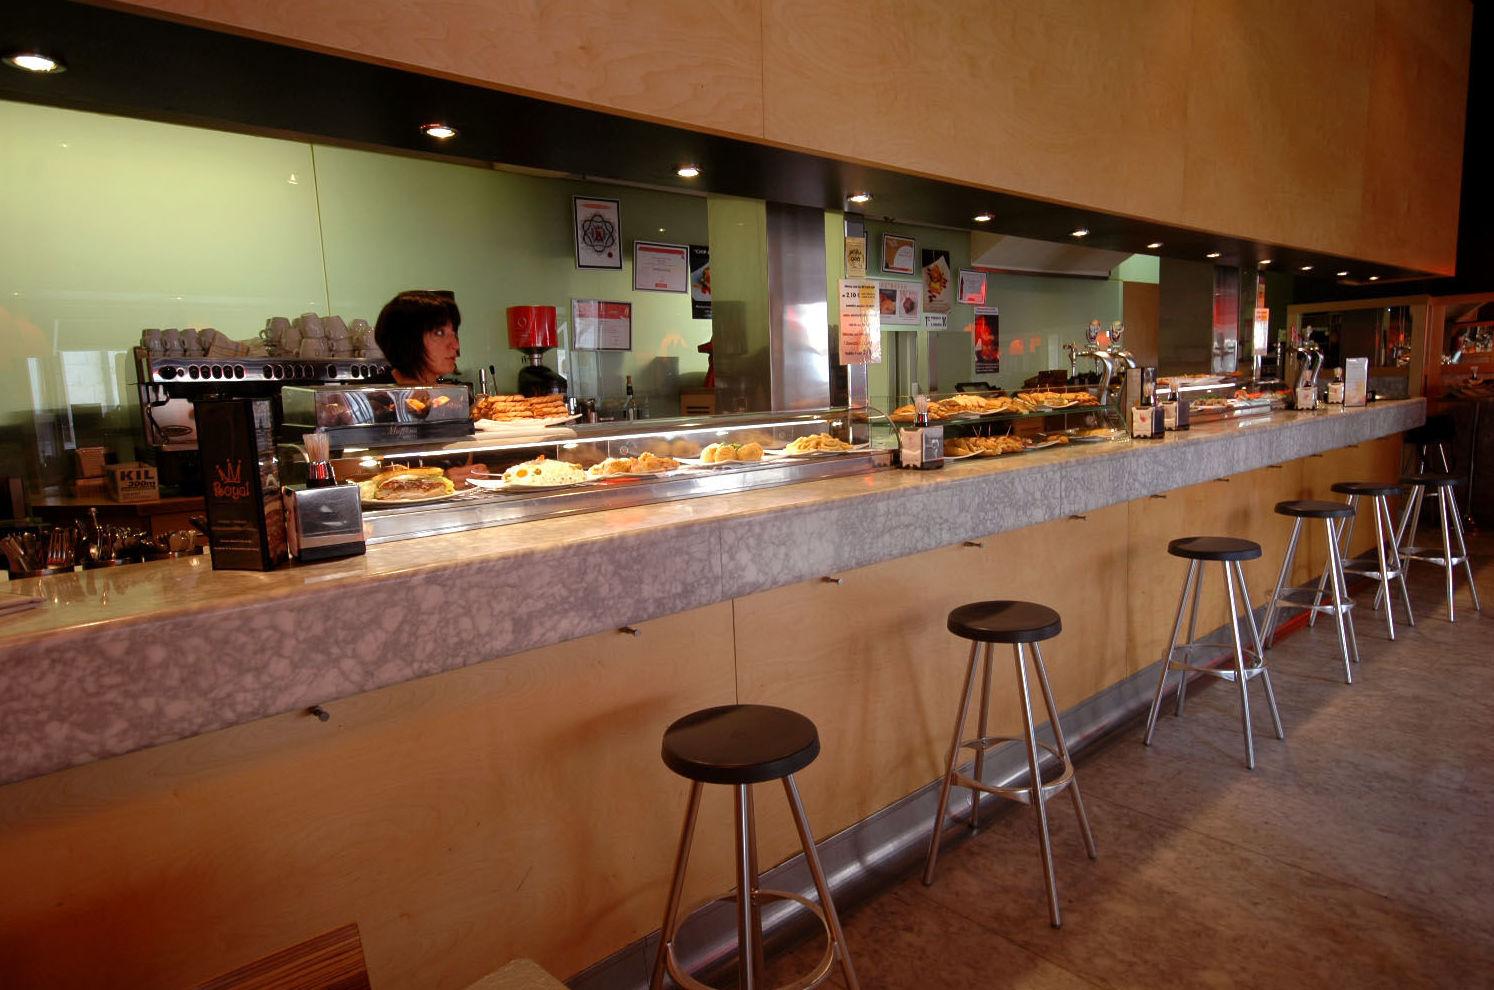 Foto 3 de Bar con amplia variedad de tapas y comida rápida en Burgos | Tapería Royal